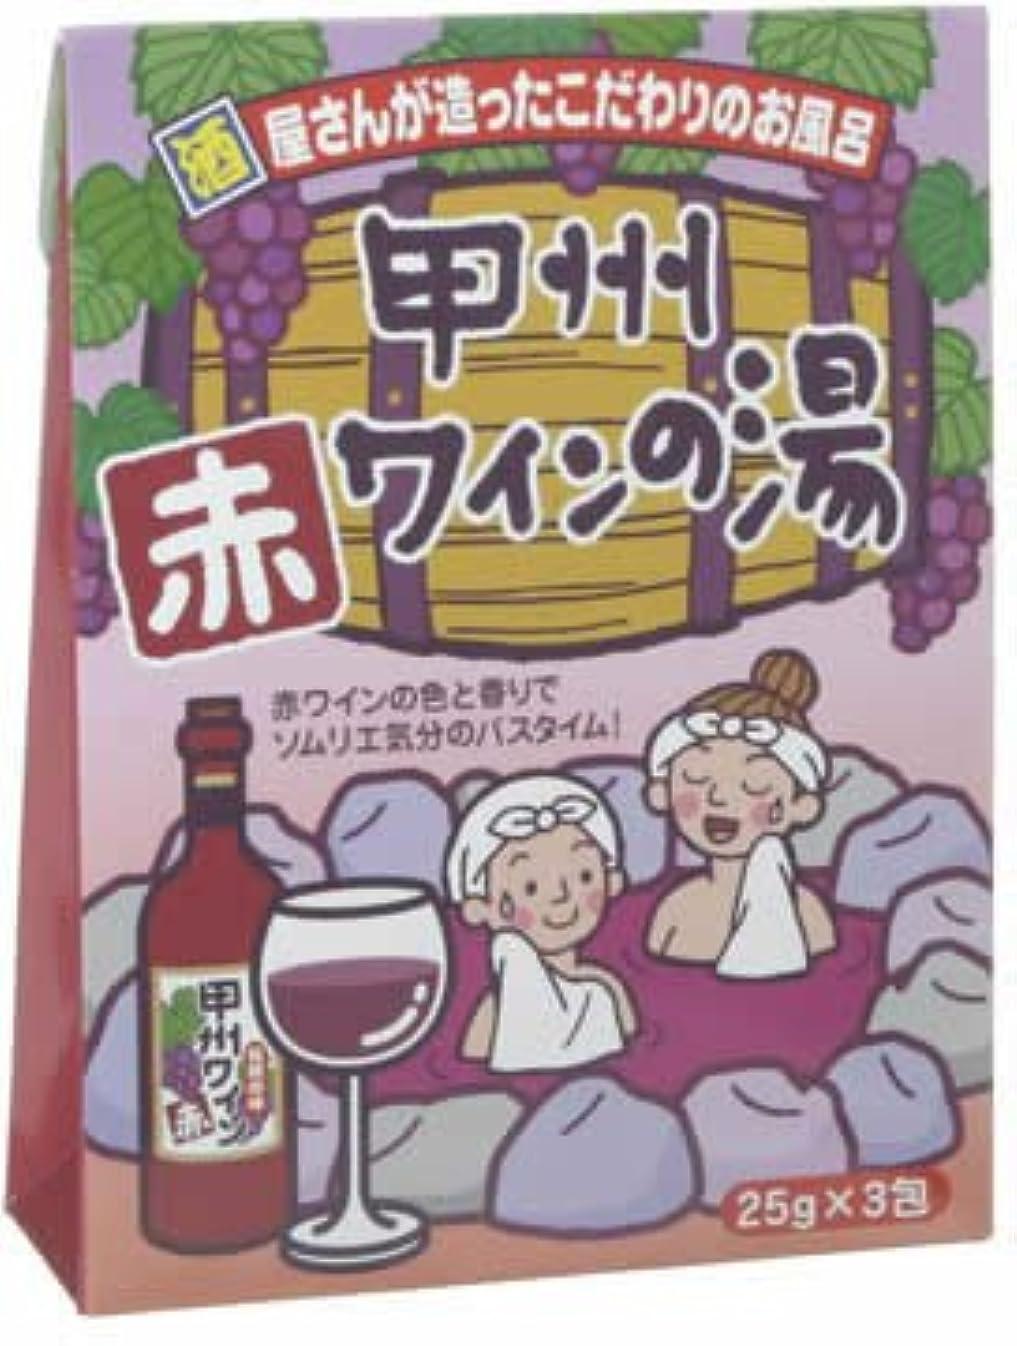 費用広がり潜む甲州 赤ワインの湯 25g*3包